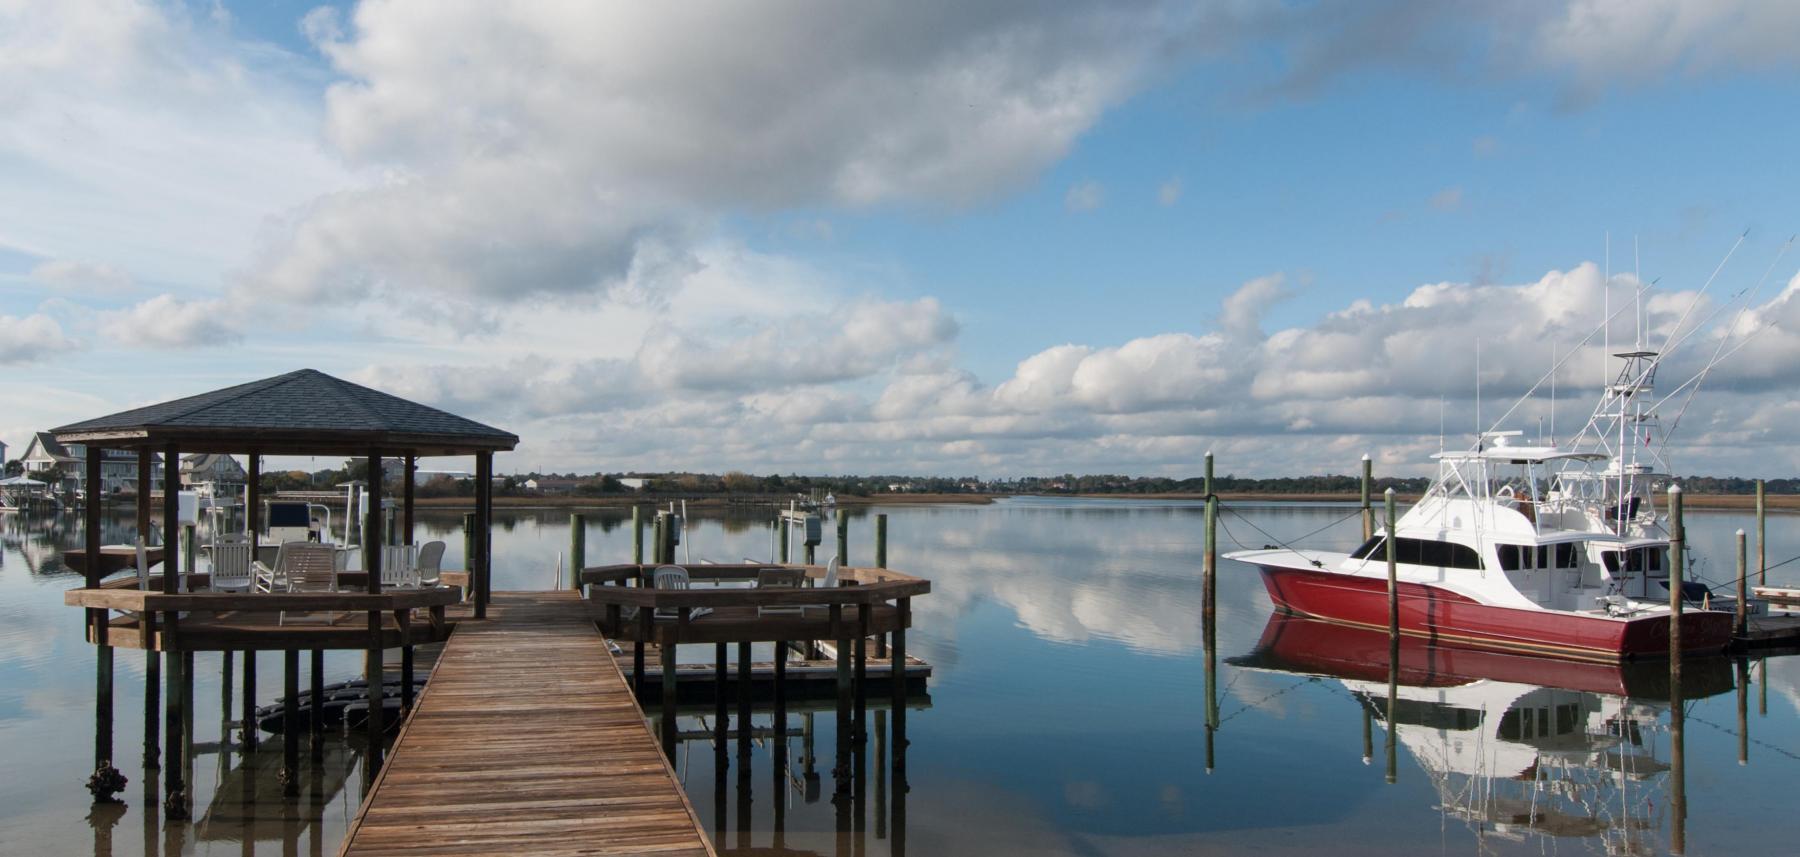 Boat Dock in North Carolina